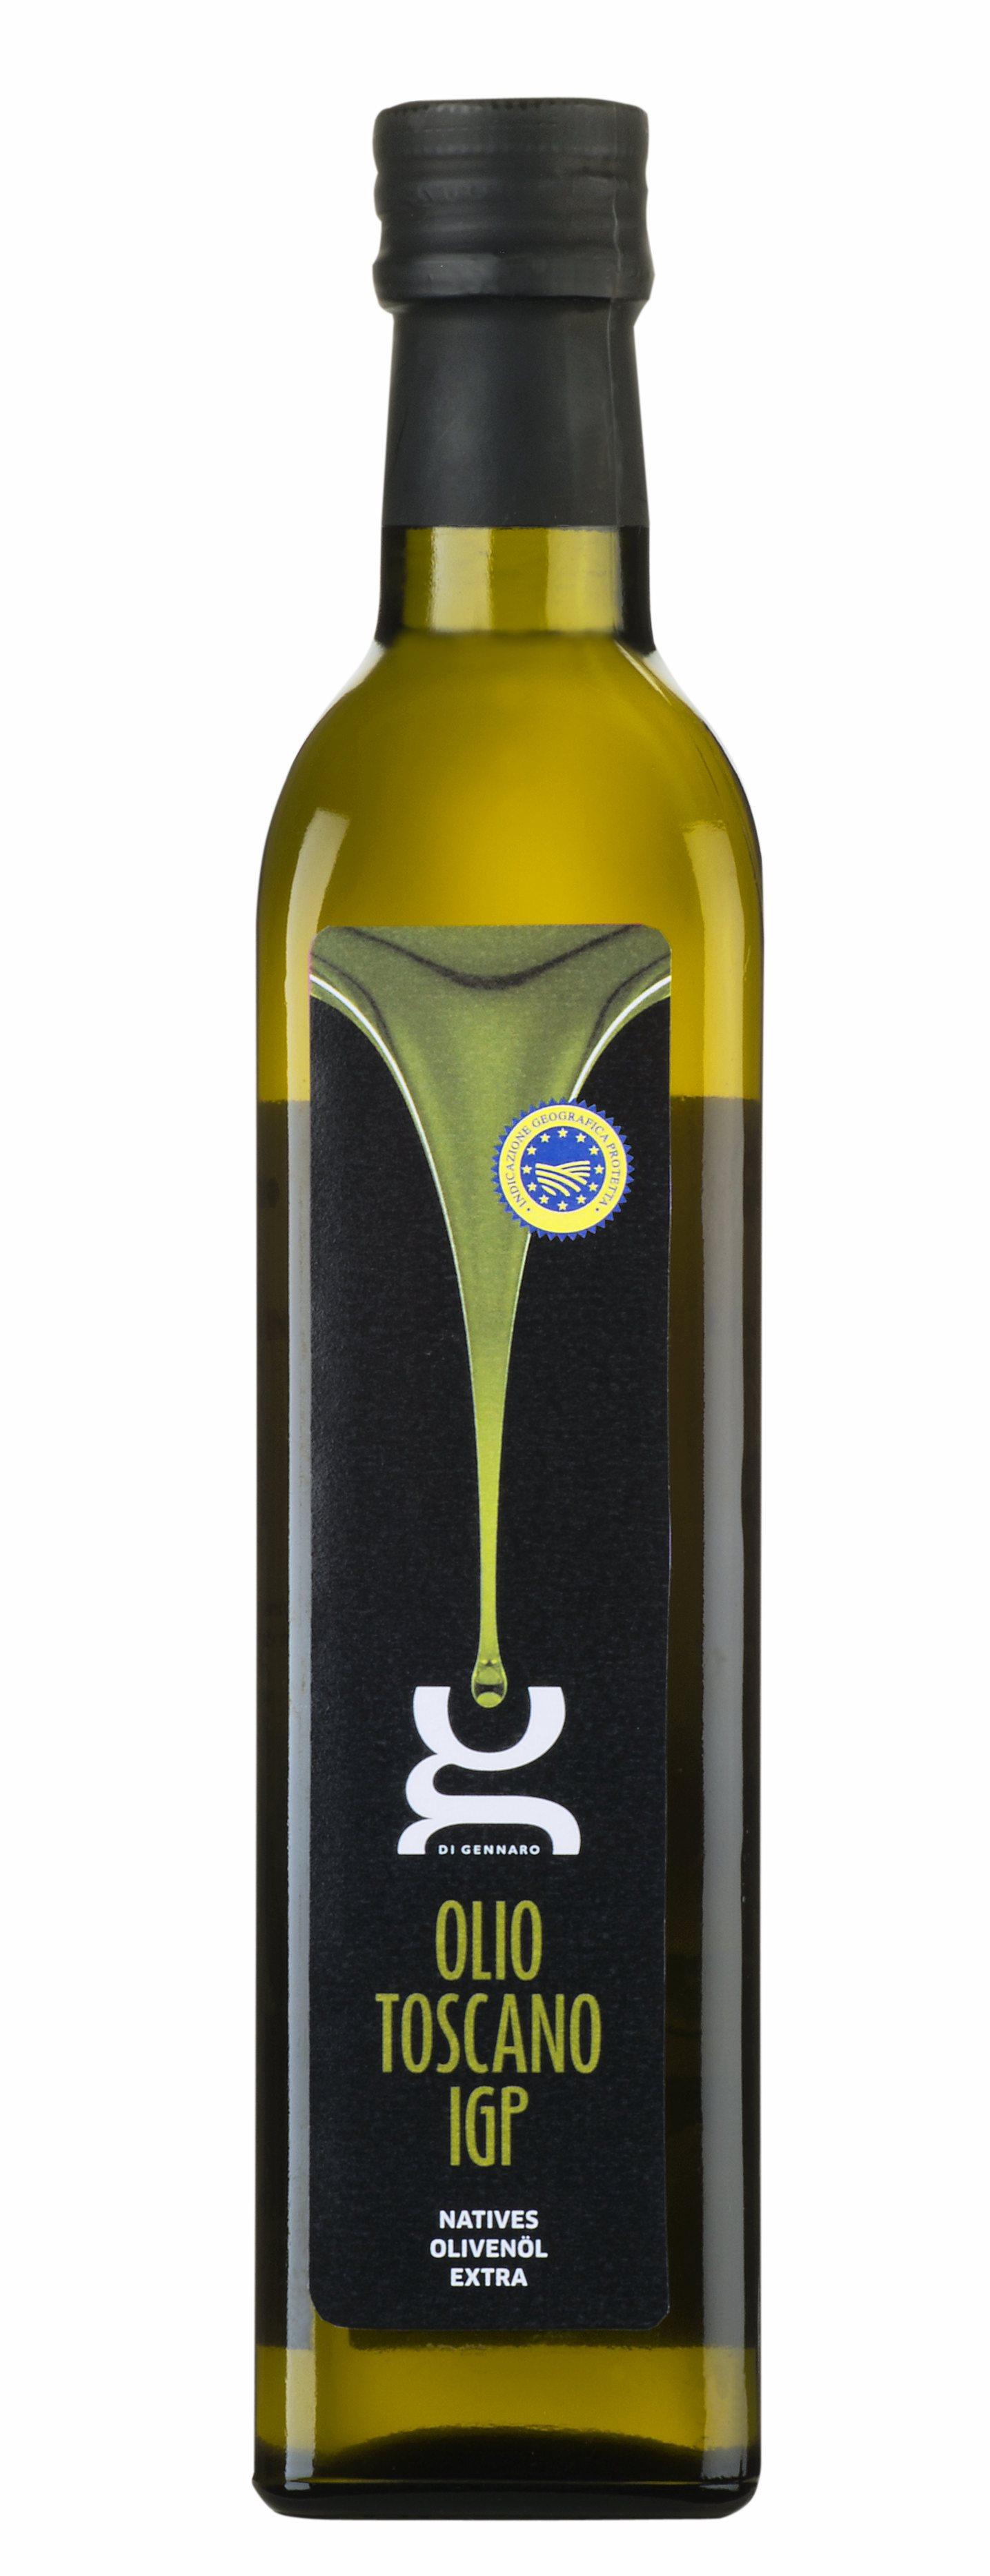 Olio extra vergine di oliva Toscano IGP 500 ML DIGE